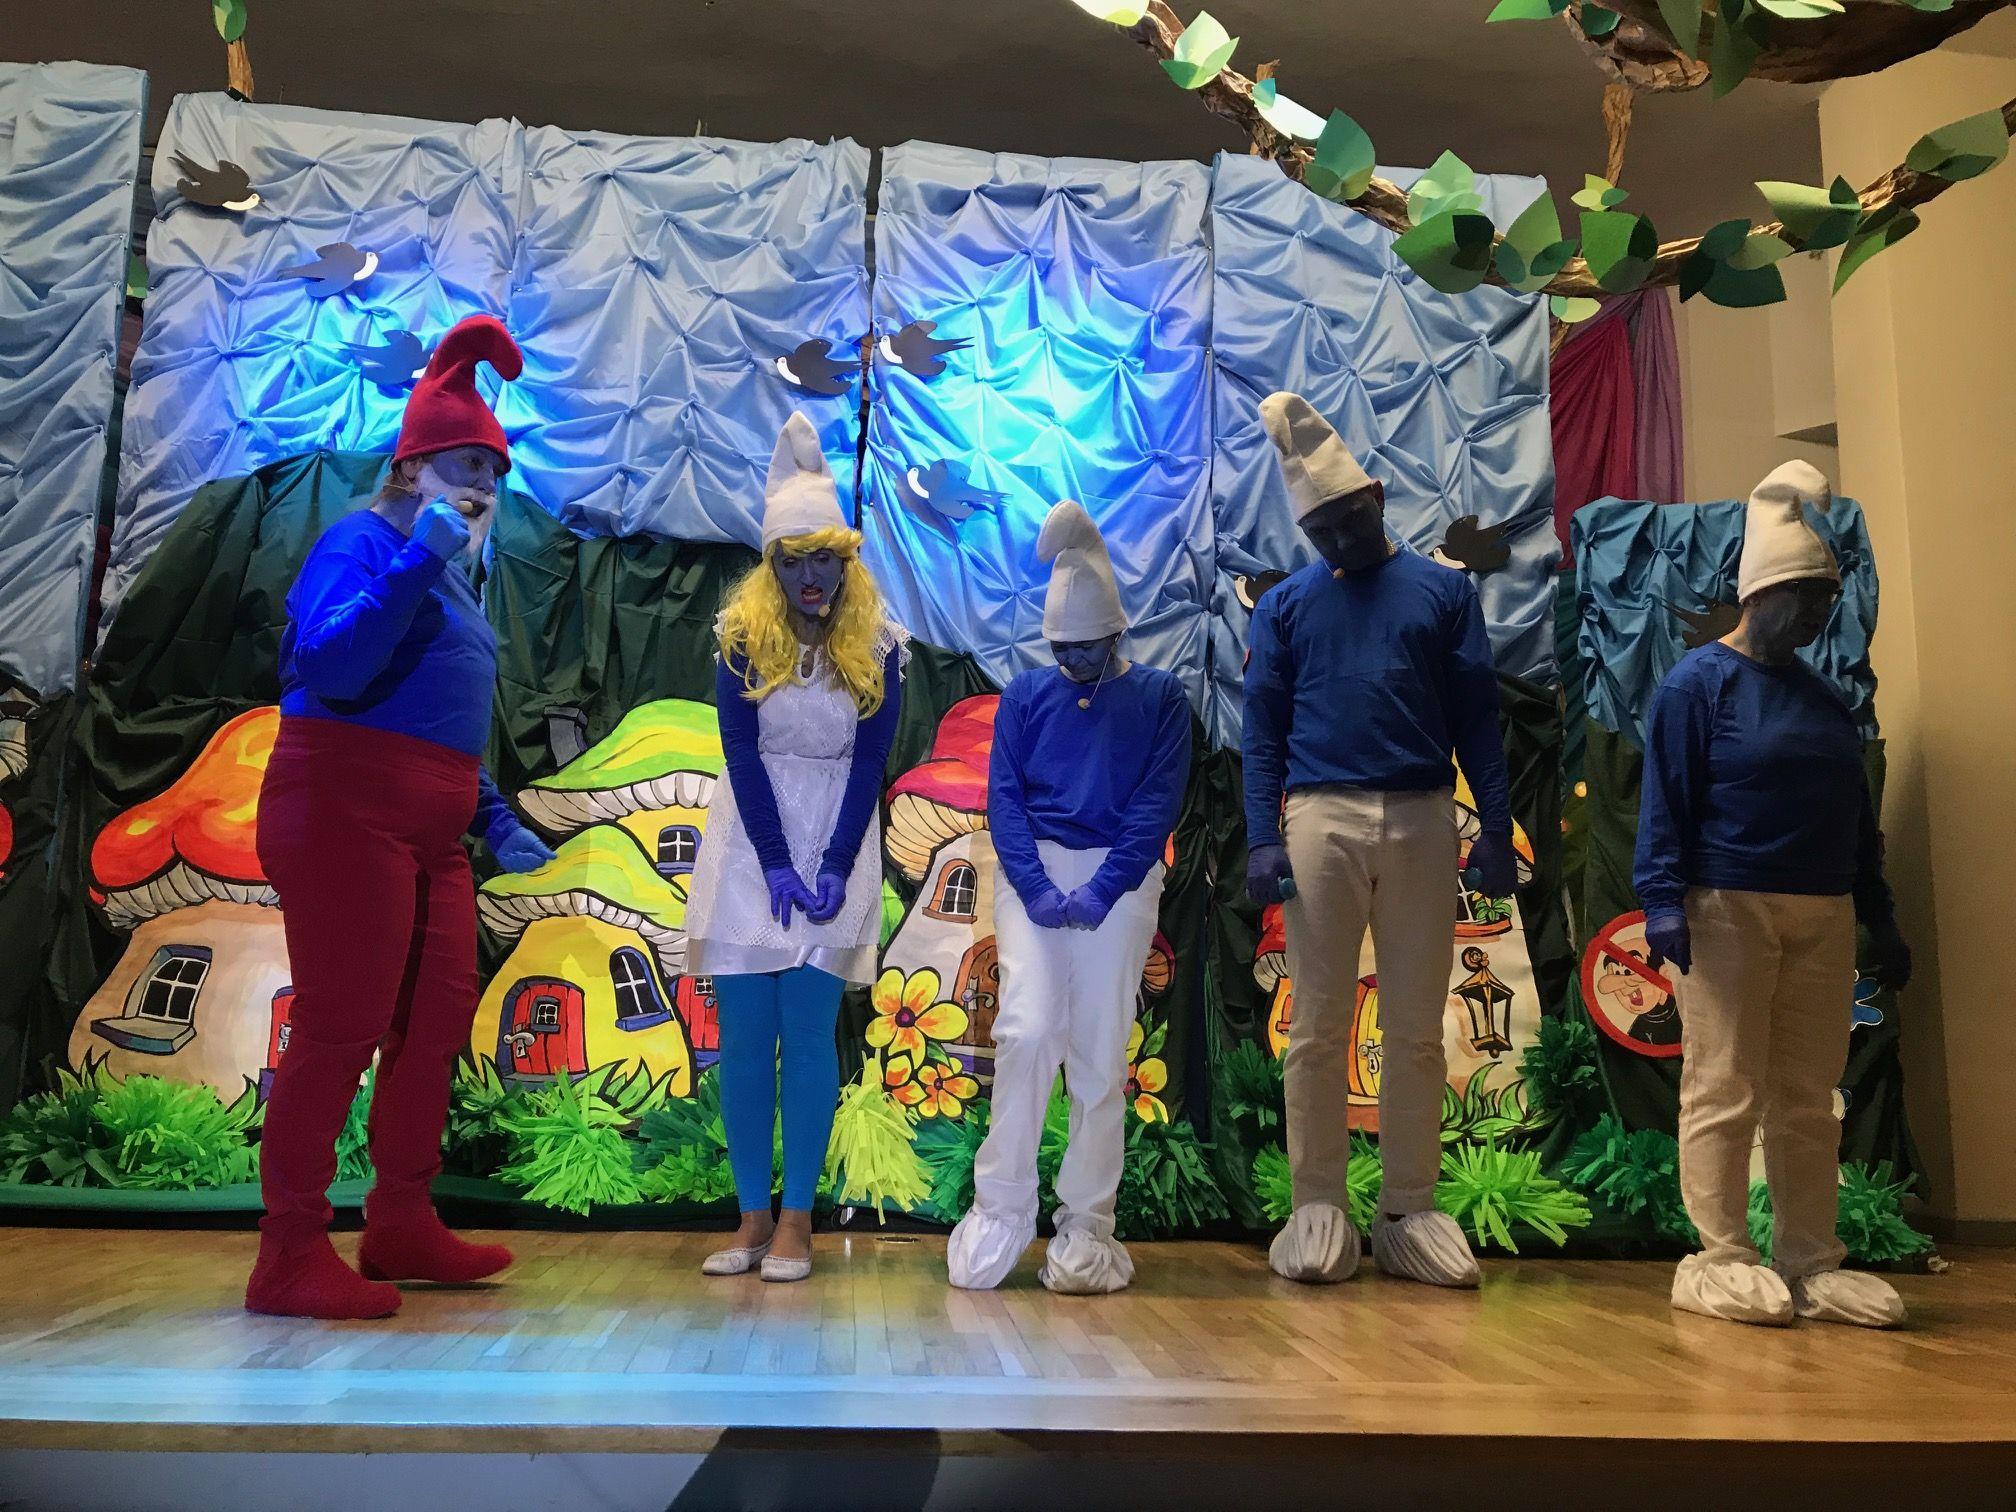 Dorośli zagrali spektakl dzieciom. Popisowa gra rodziców i nauczycieli